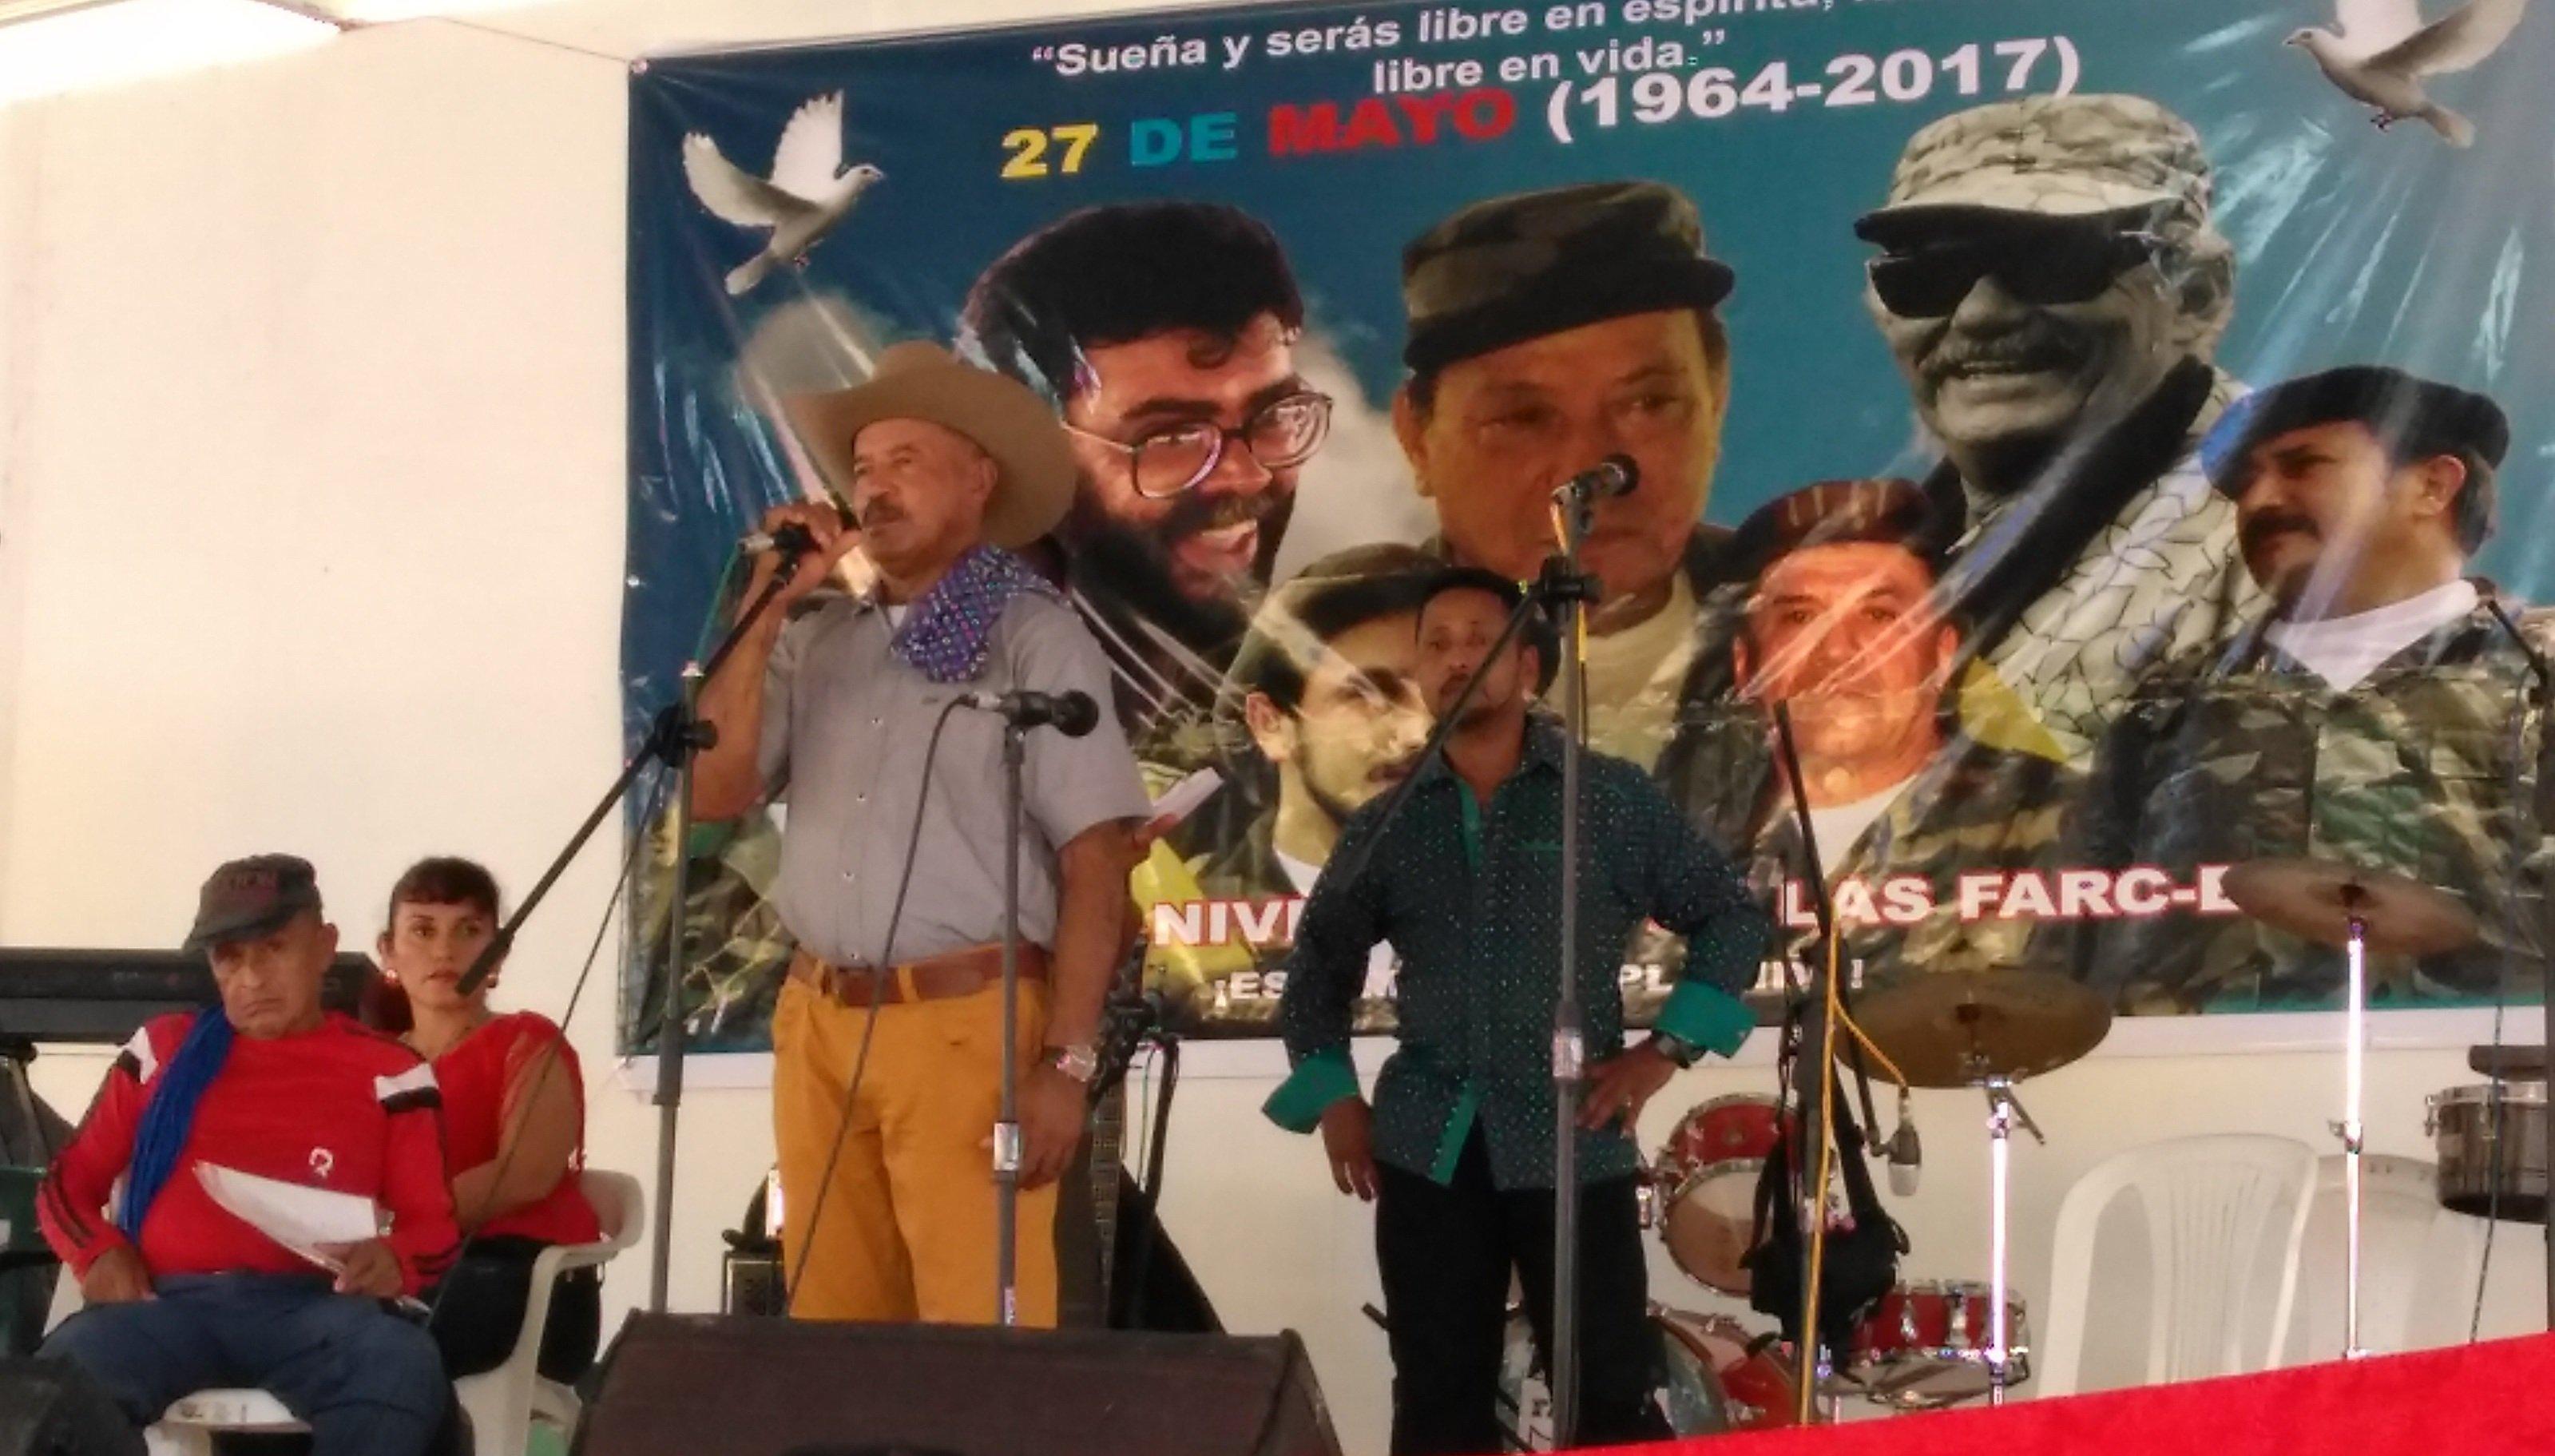 Líder de las FARC asegura que han entregado 30% de sus armas